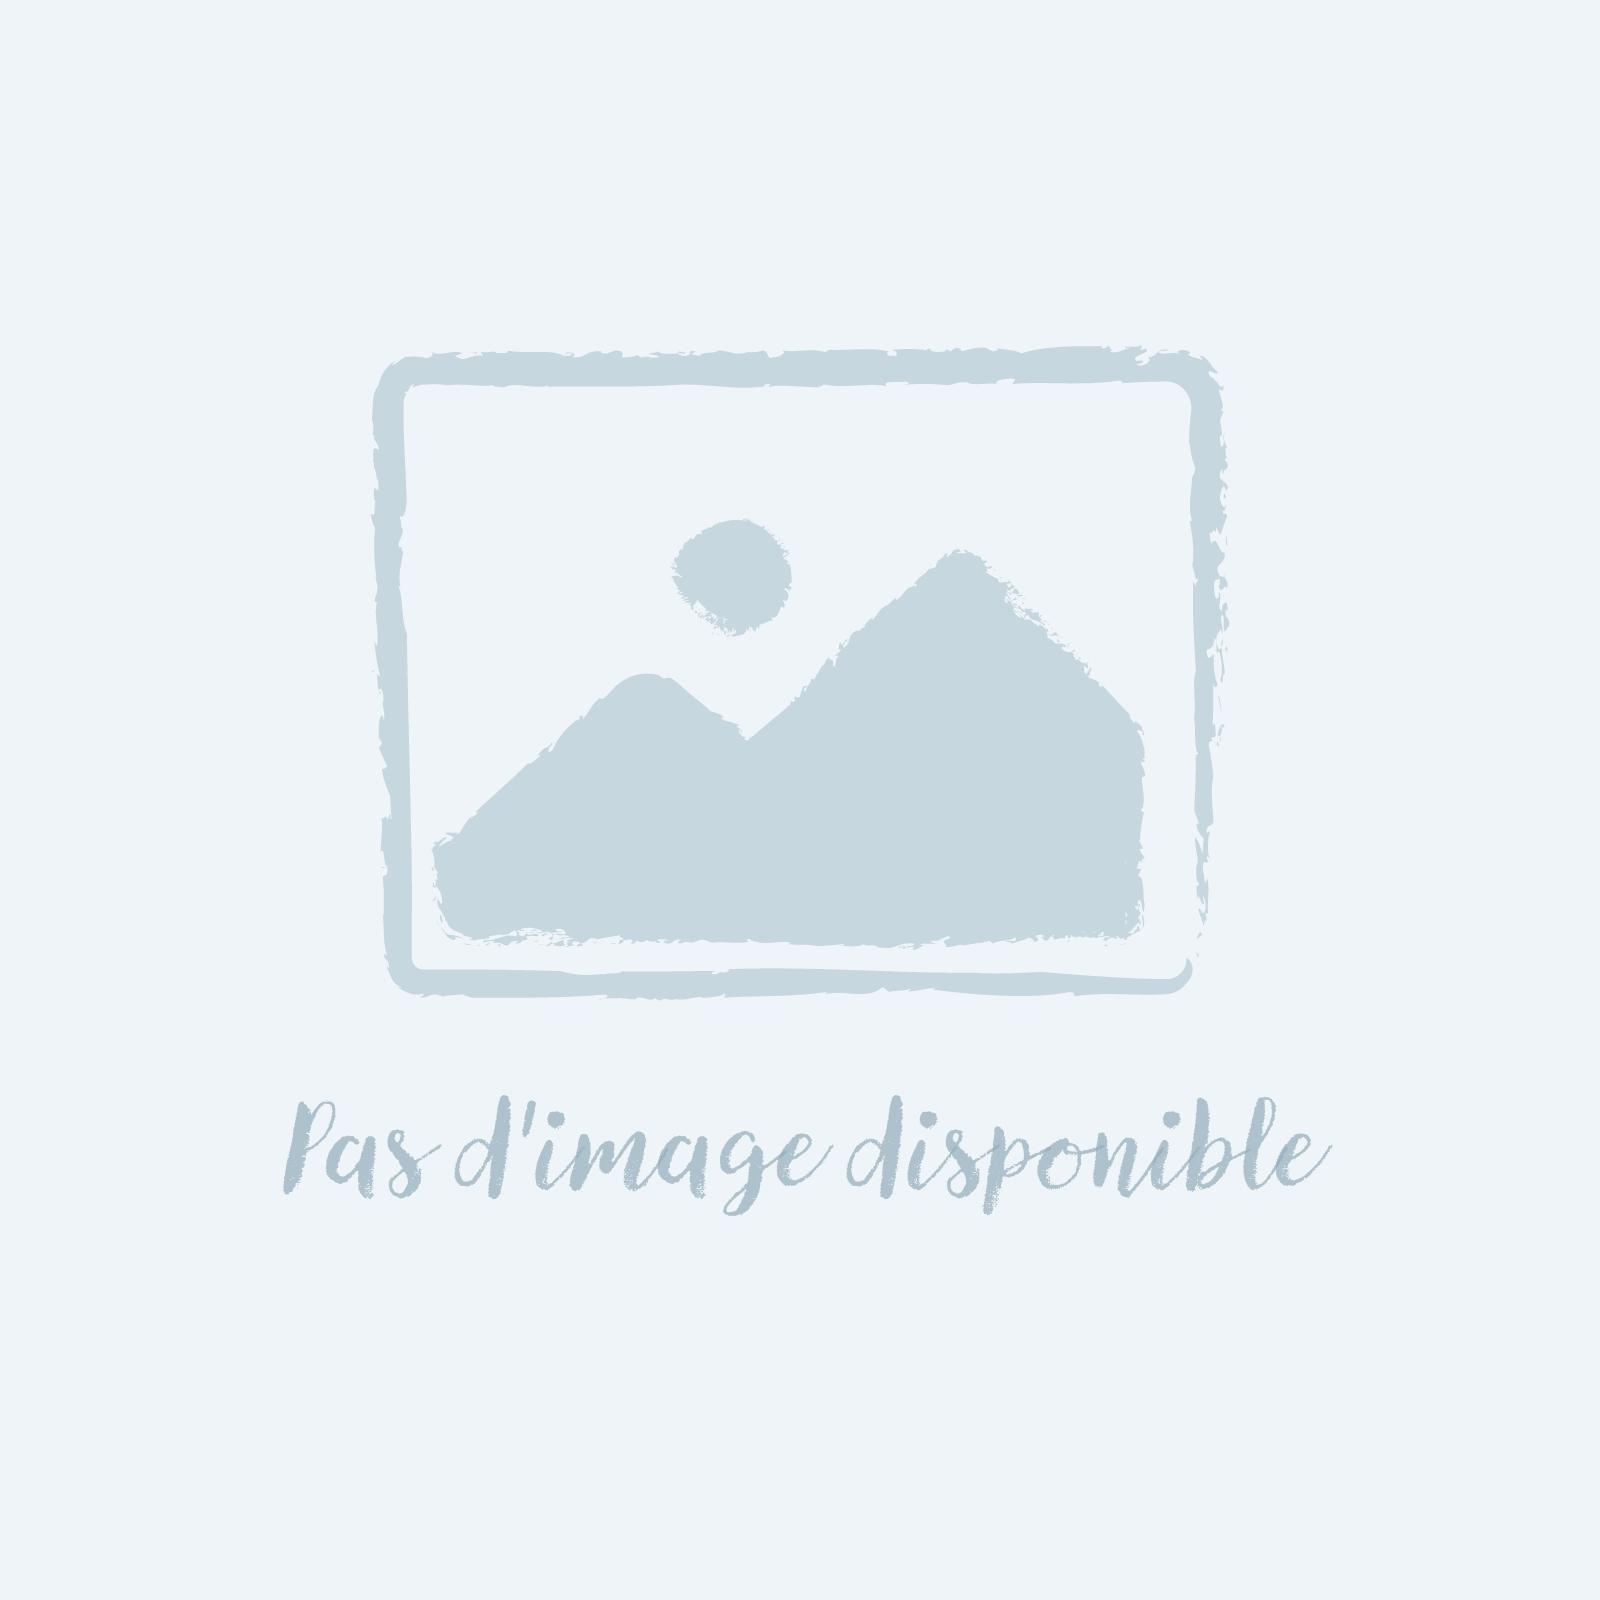 """Gerflor Creation 55 Clic """"0848 Swiss oak beige"""" - Lame PVC clipsable"""